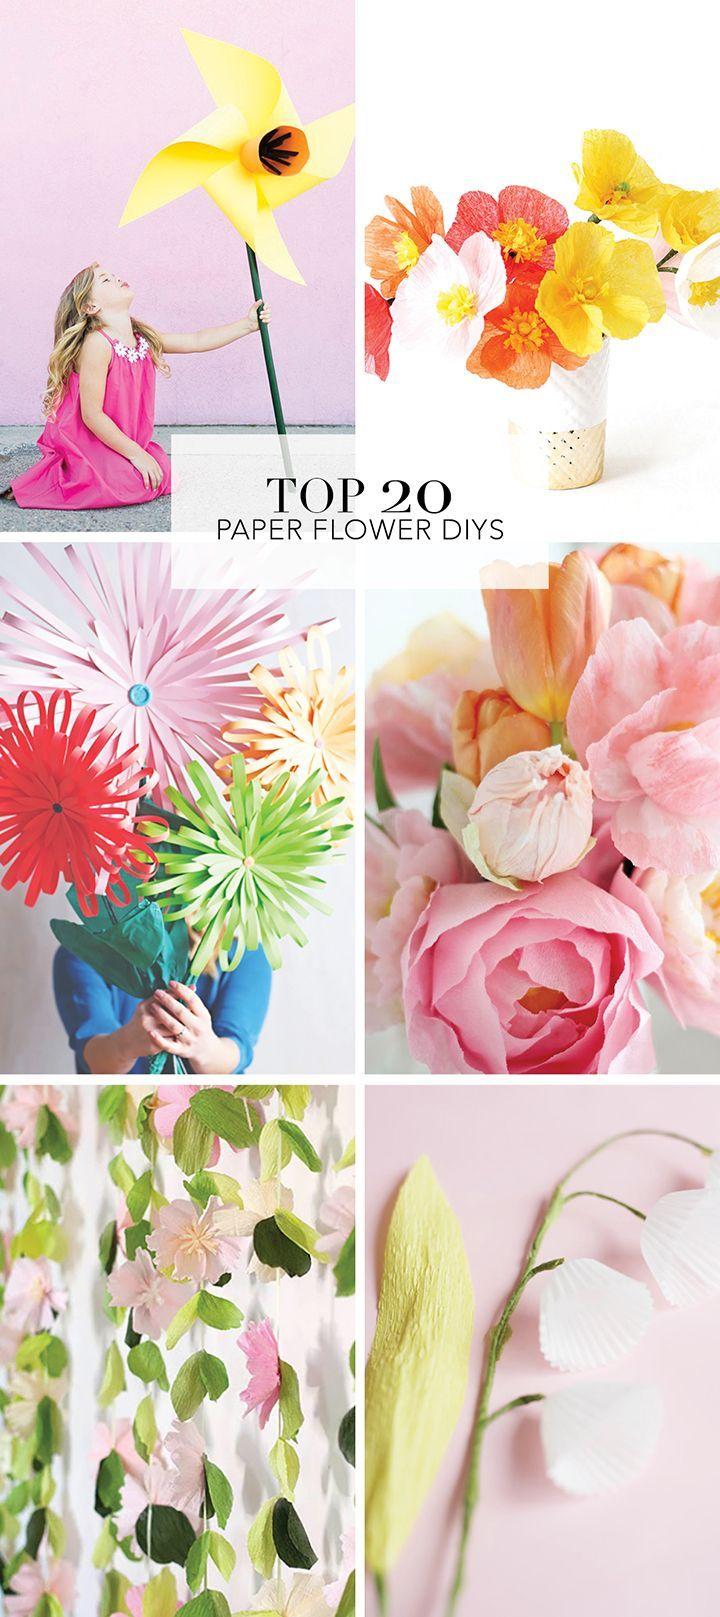 20 Favorite Diy Paper Flower Tutorials Diy Paper Flowers